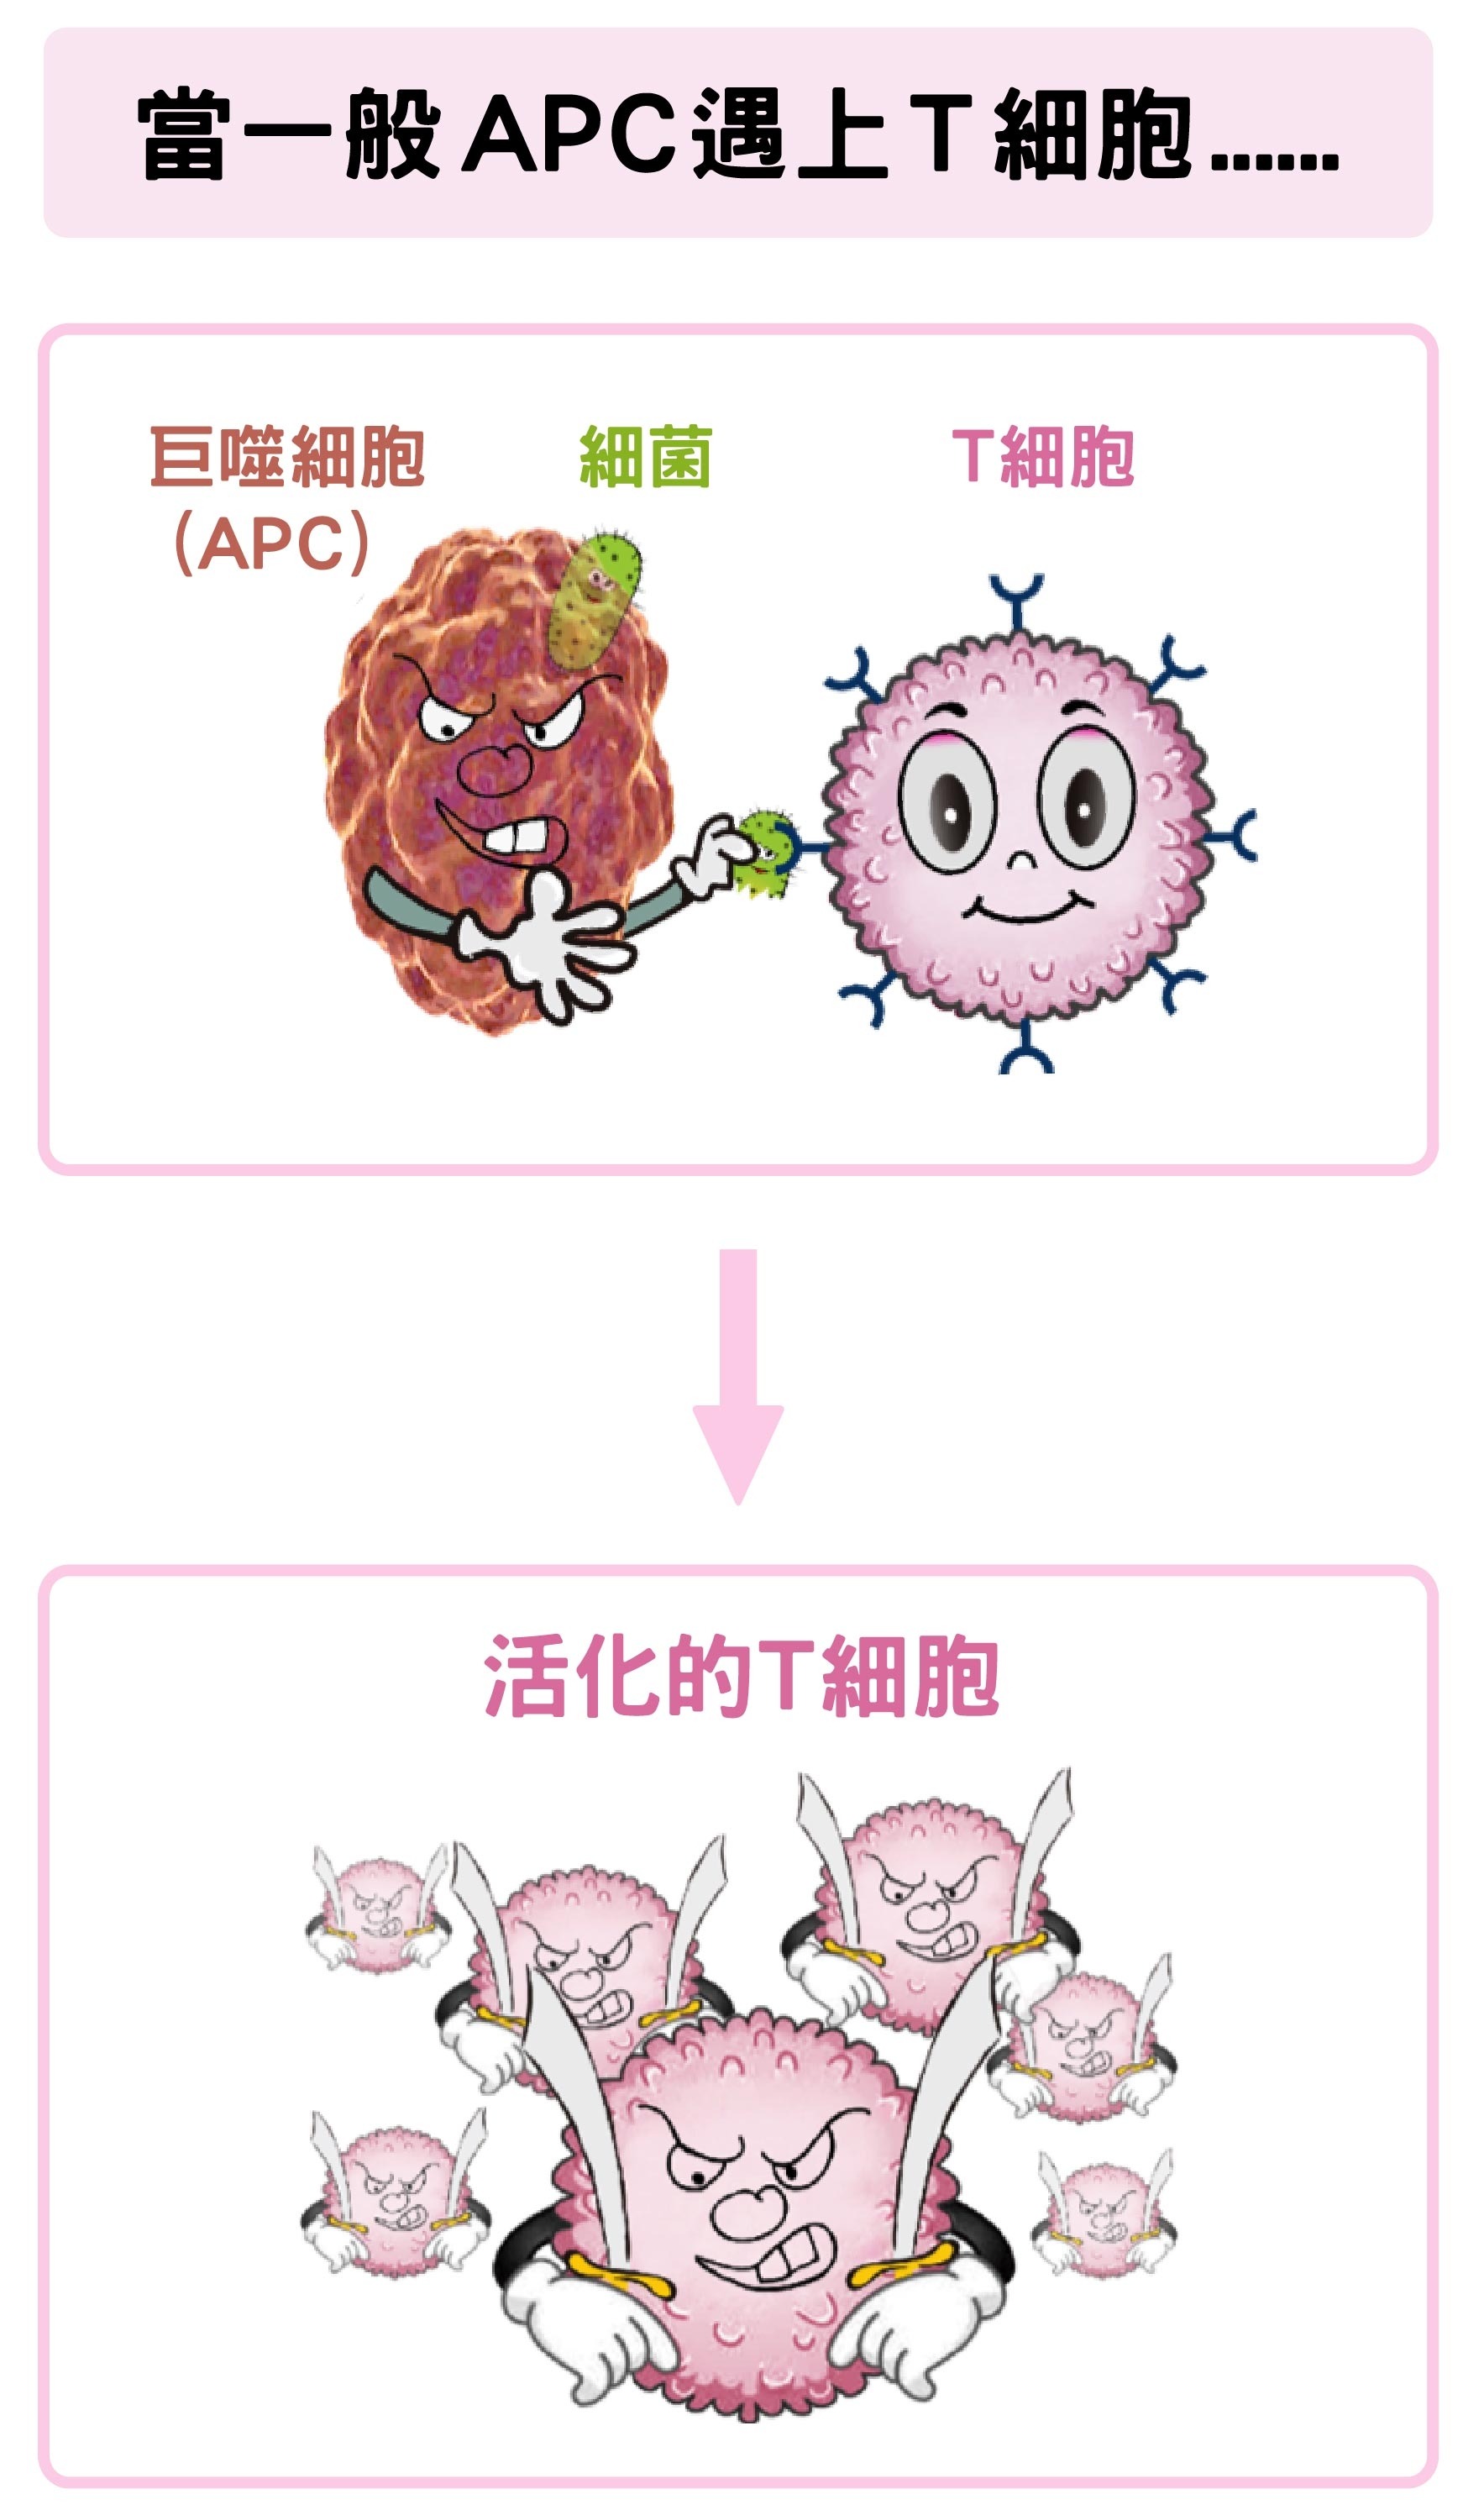 巨噬細胞(APC)吞噬細菌後,可活化T細胞。 <br>資料來源│陶秘華 圖說原作│張峰碧 <br>圖說美化│林洵安